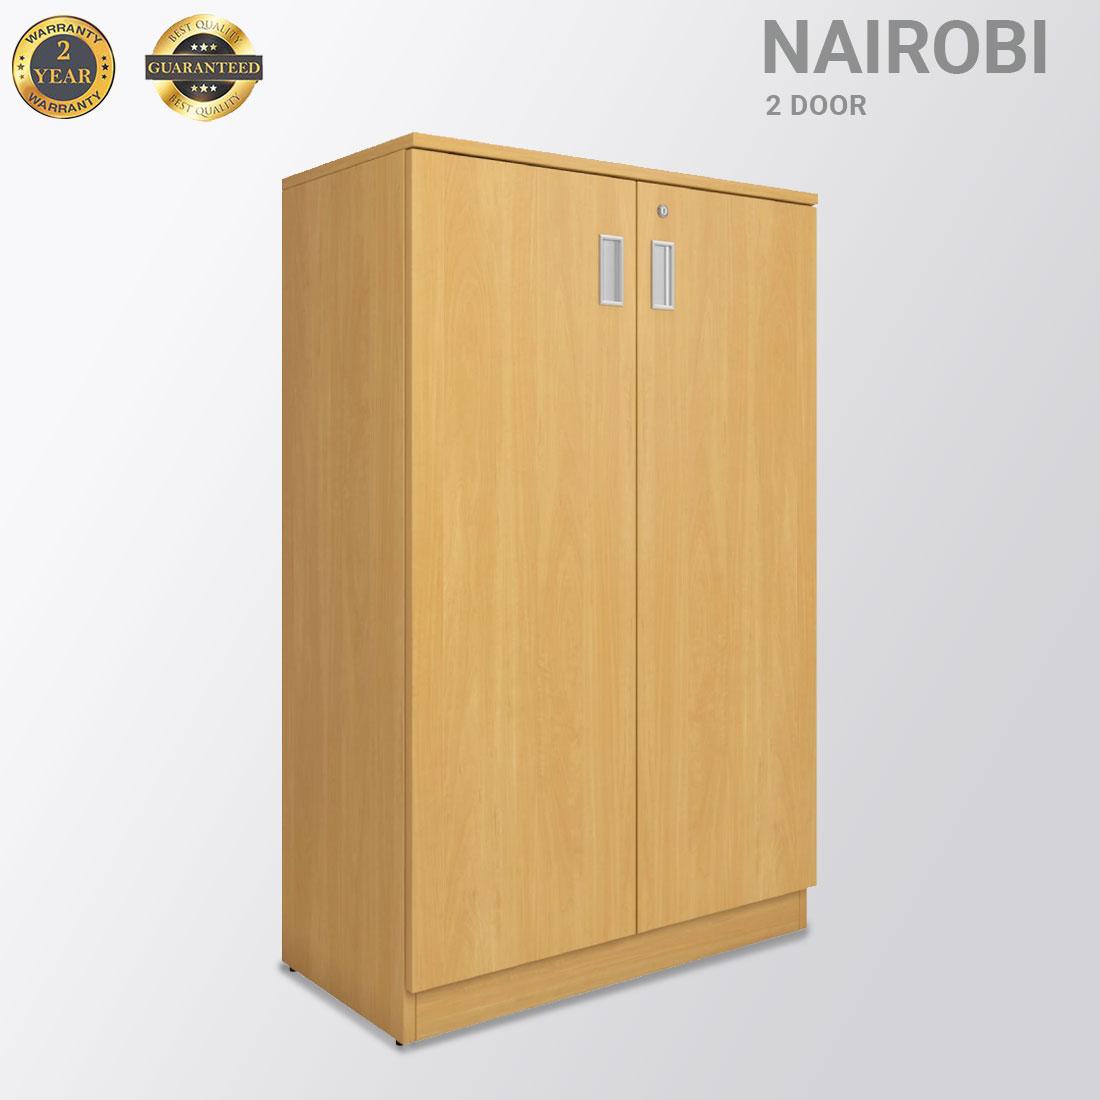 NAIROBI O 2 DOOR